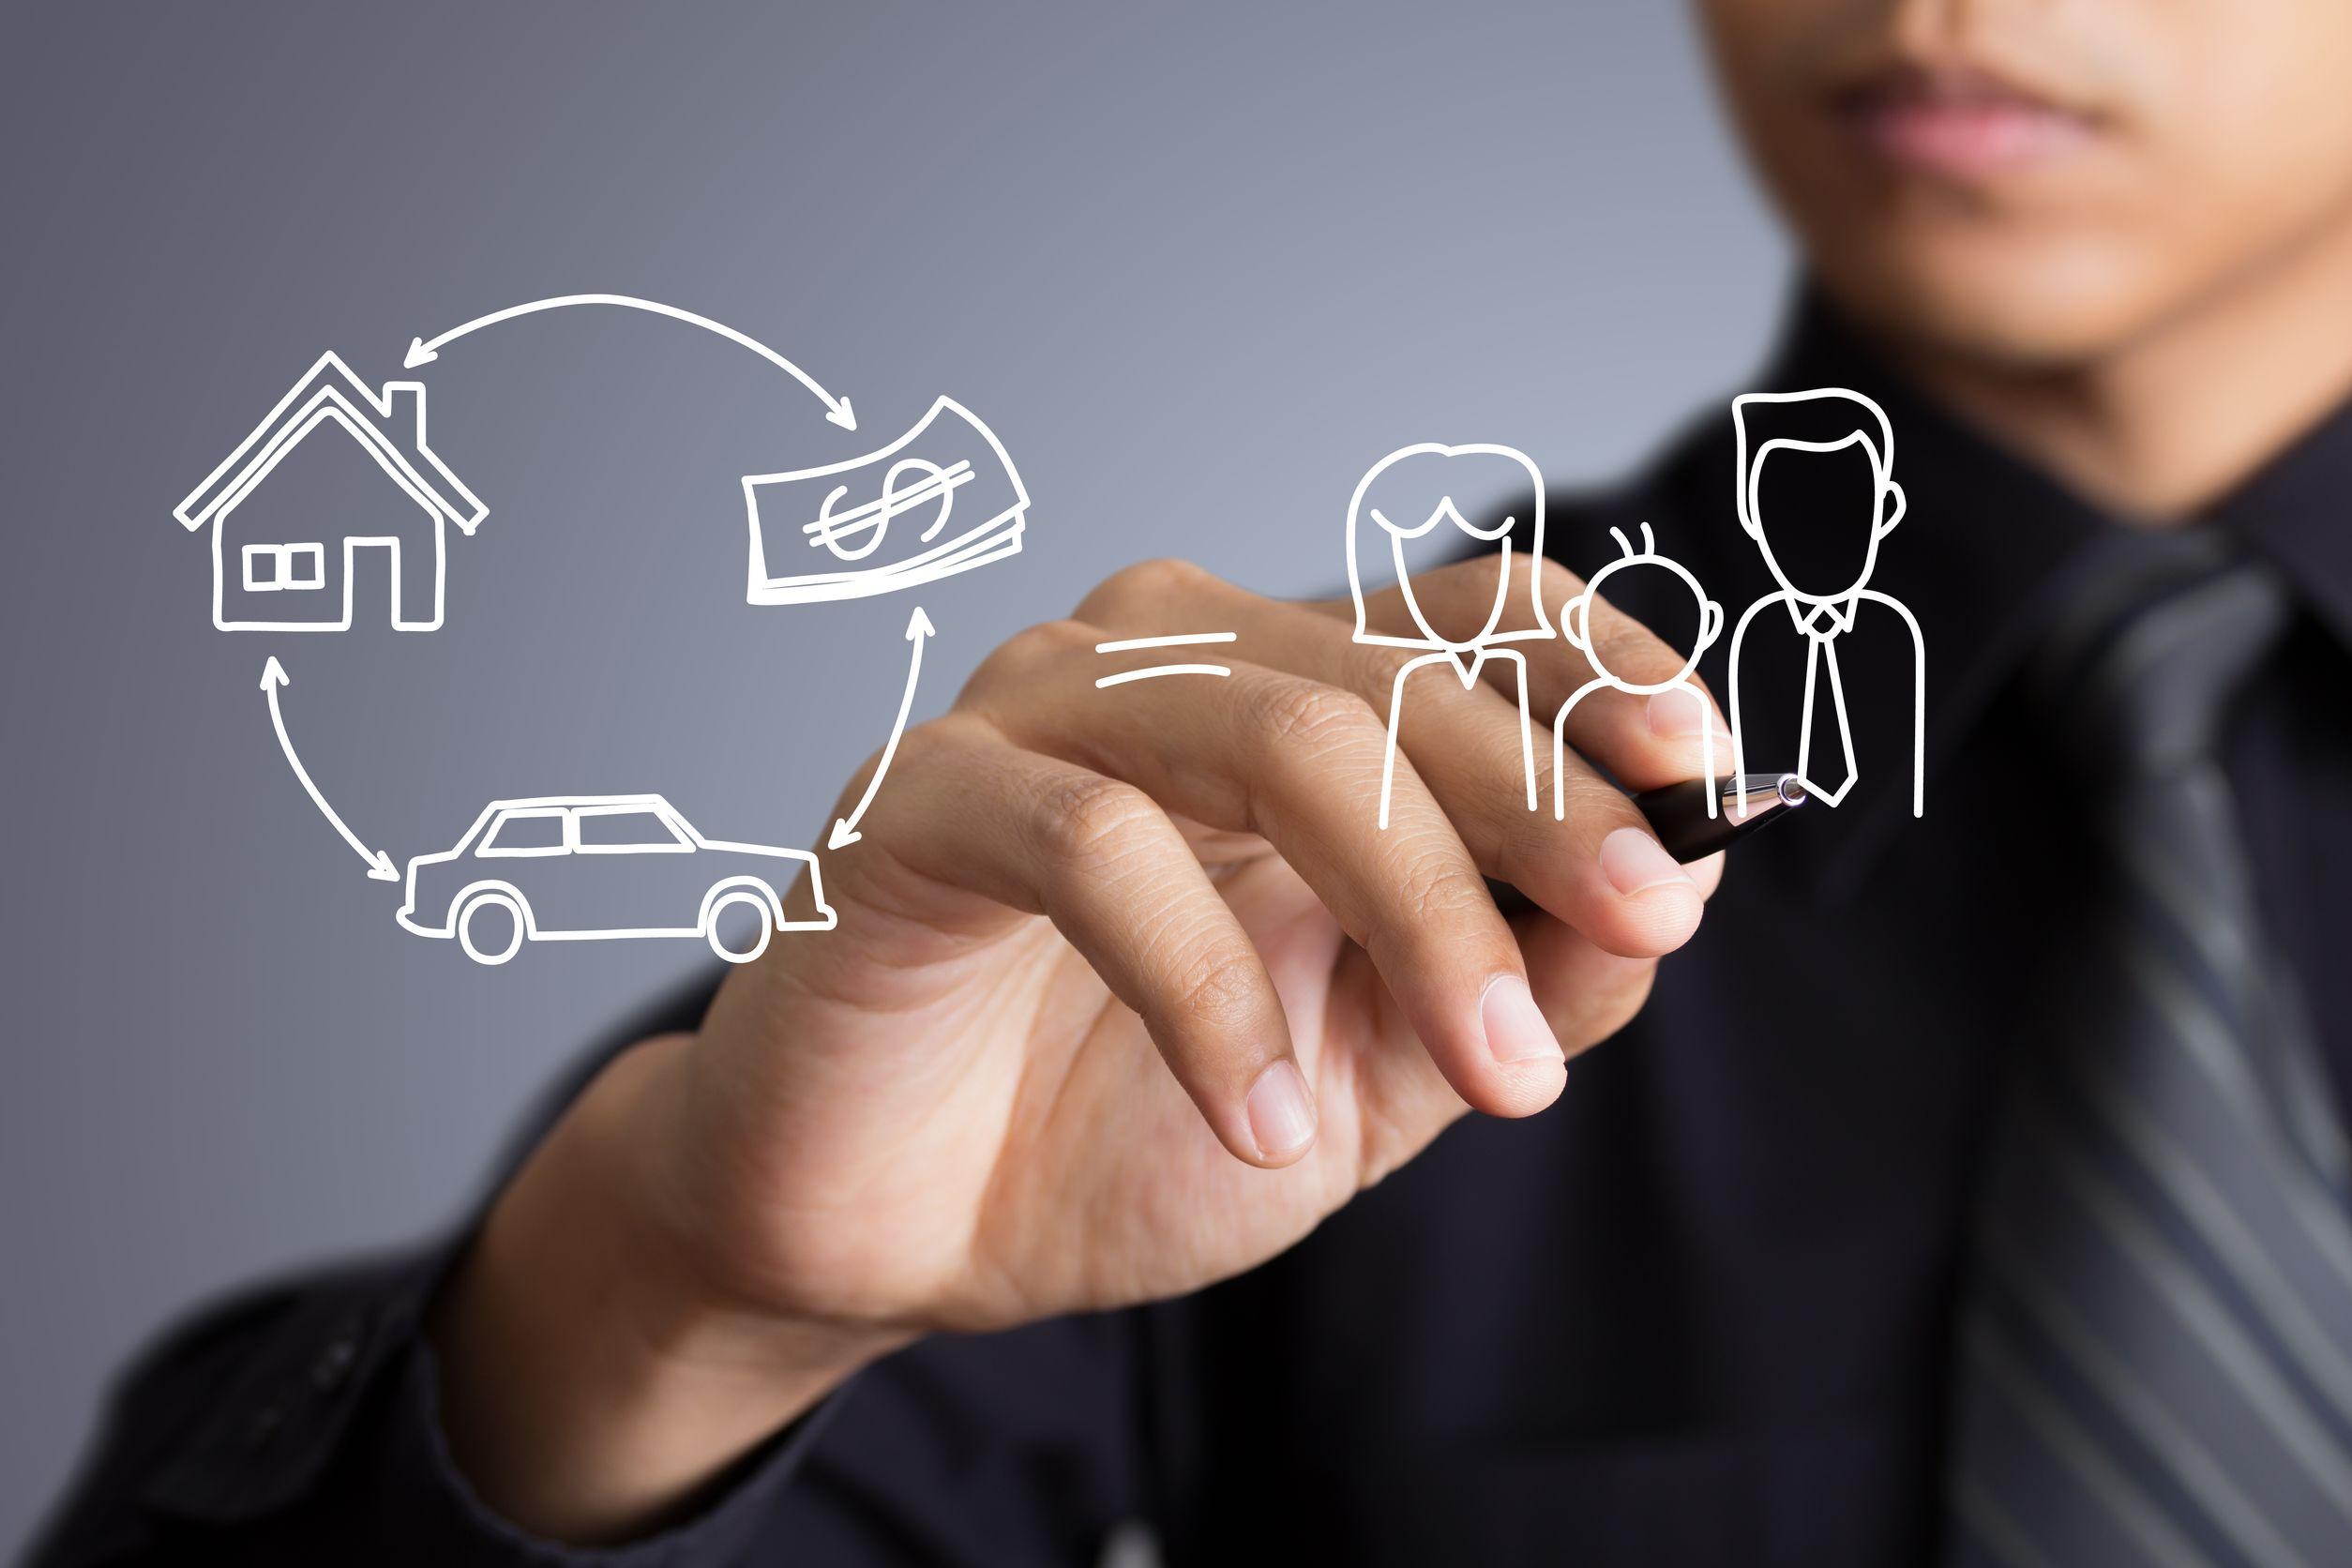 Assurance de pret : pourquoi assurer son prêt ?